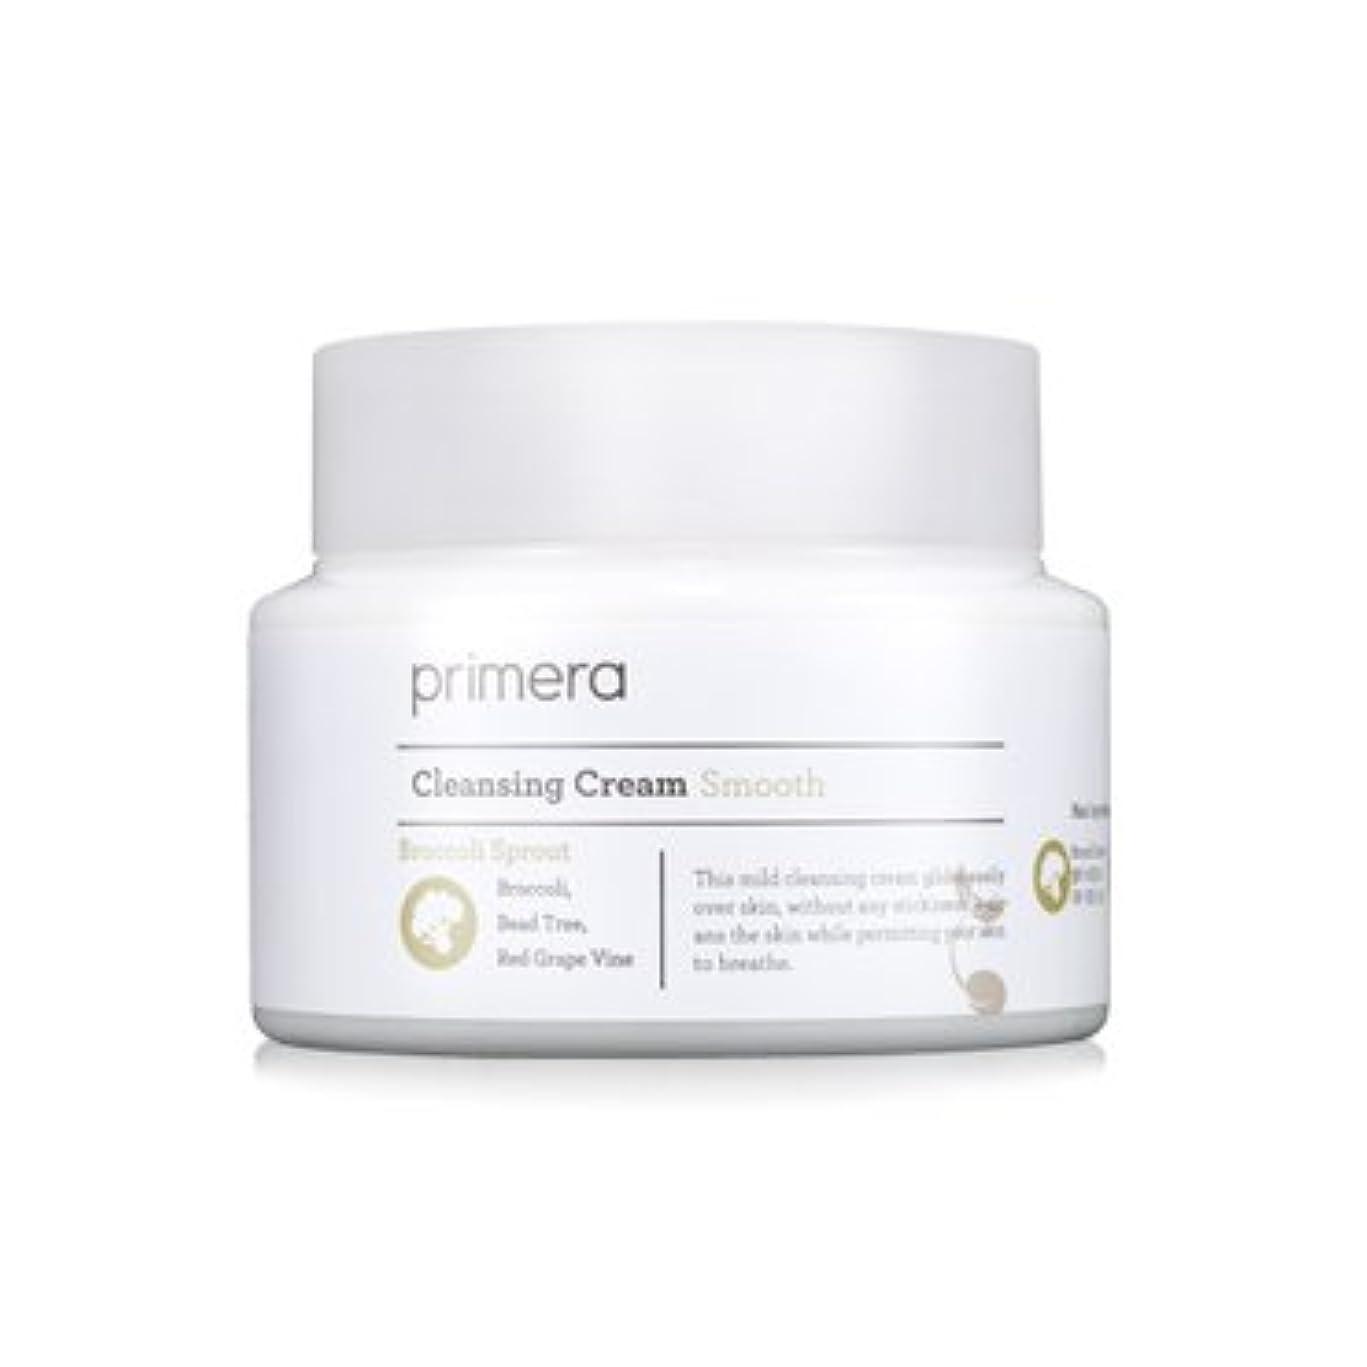 最大の脈拍スティックPRIMERA プリメラ スムース クレンジング クリーム(Smooth Cleansing Cream)250ml